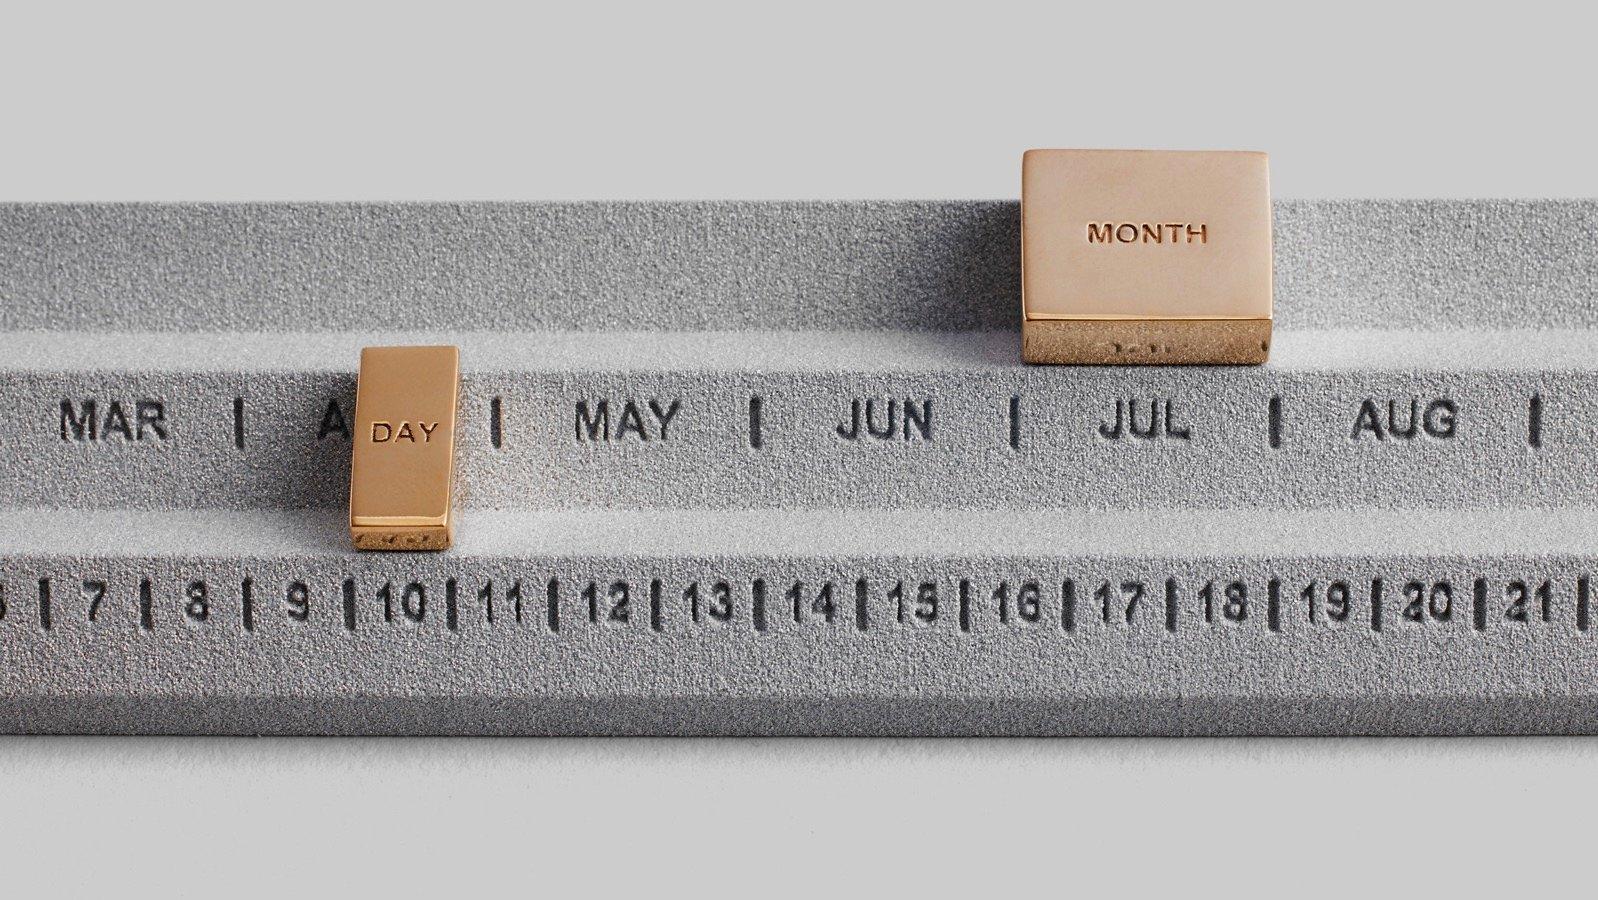 Perpetuum calendar studio yonoh design products dezeen 2364 hero